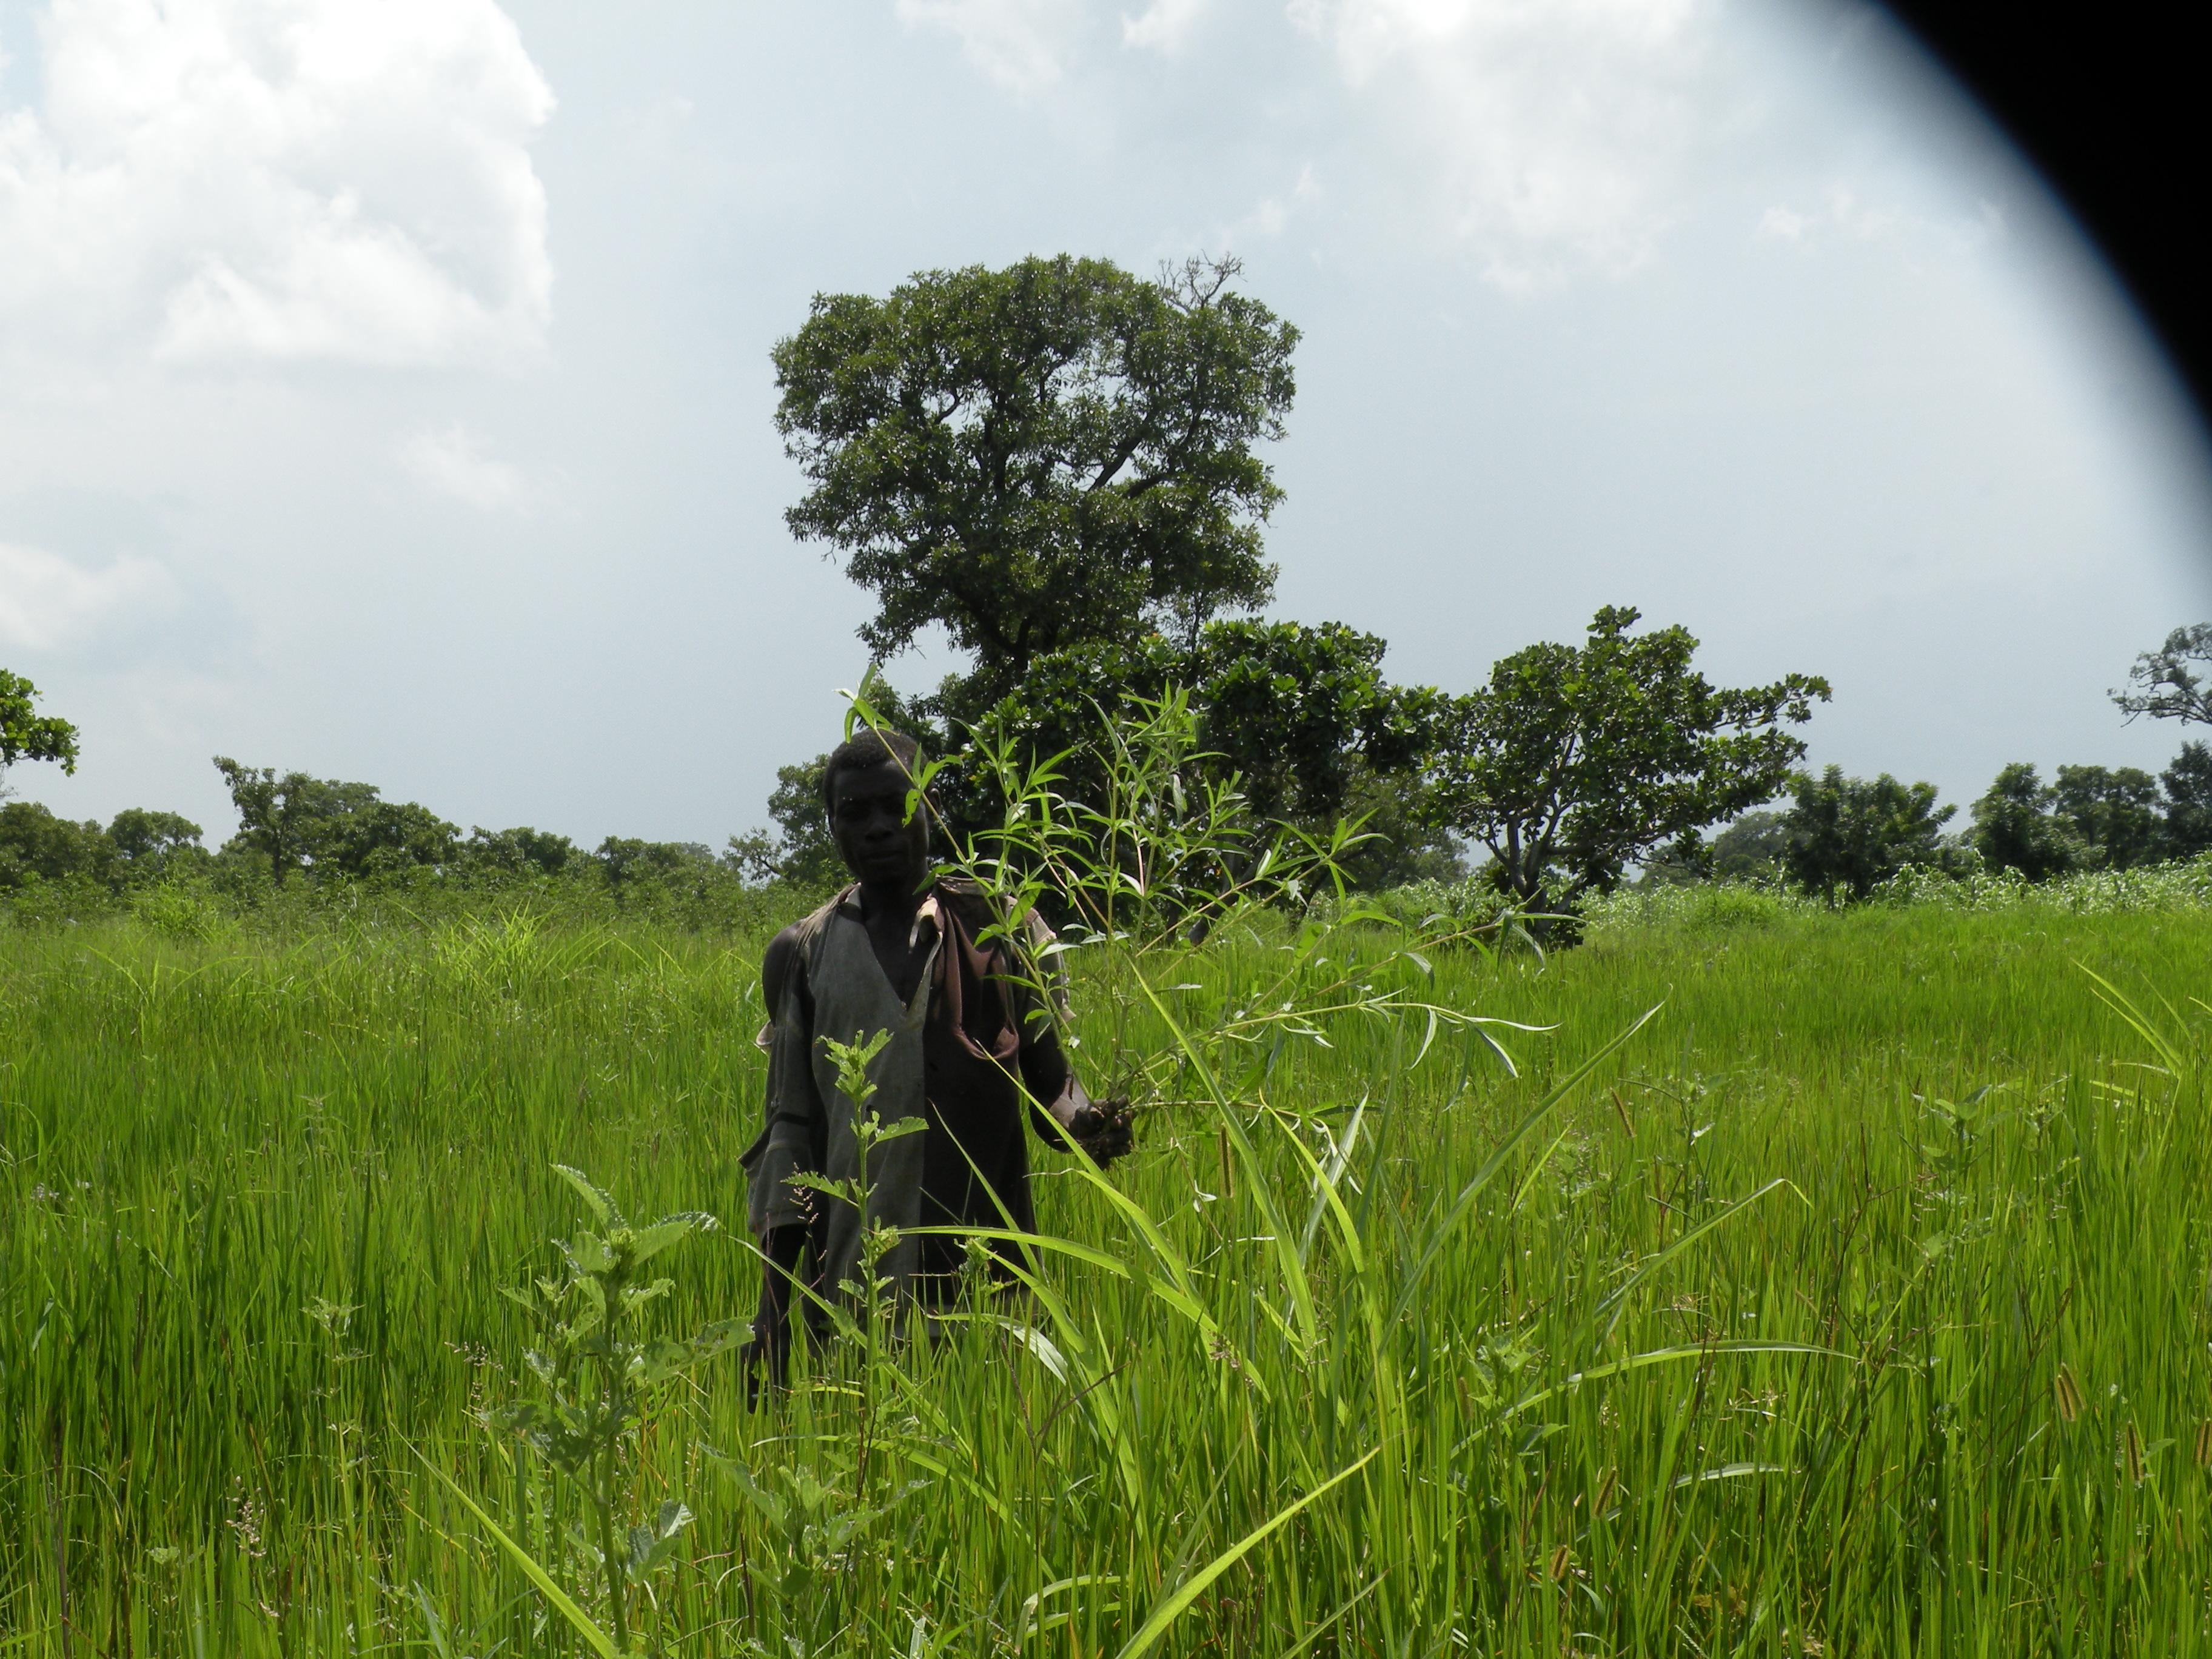 イネ圃場で、問題雑草として本種を示す耕作者